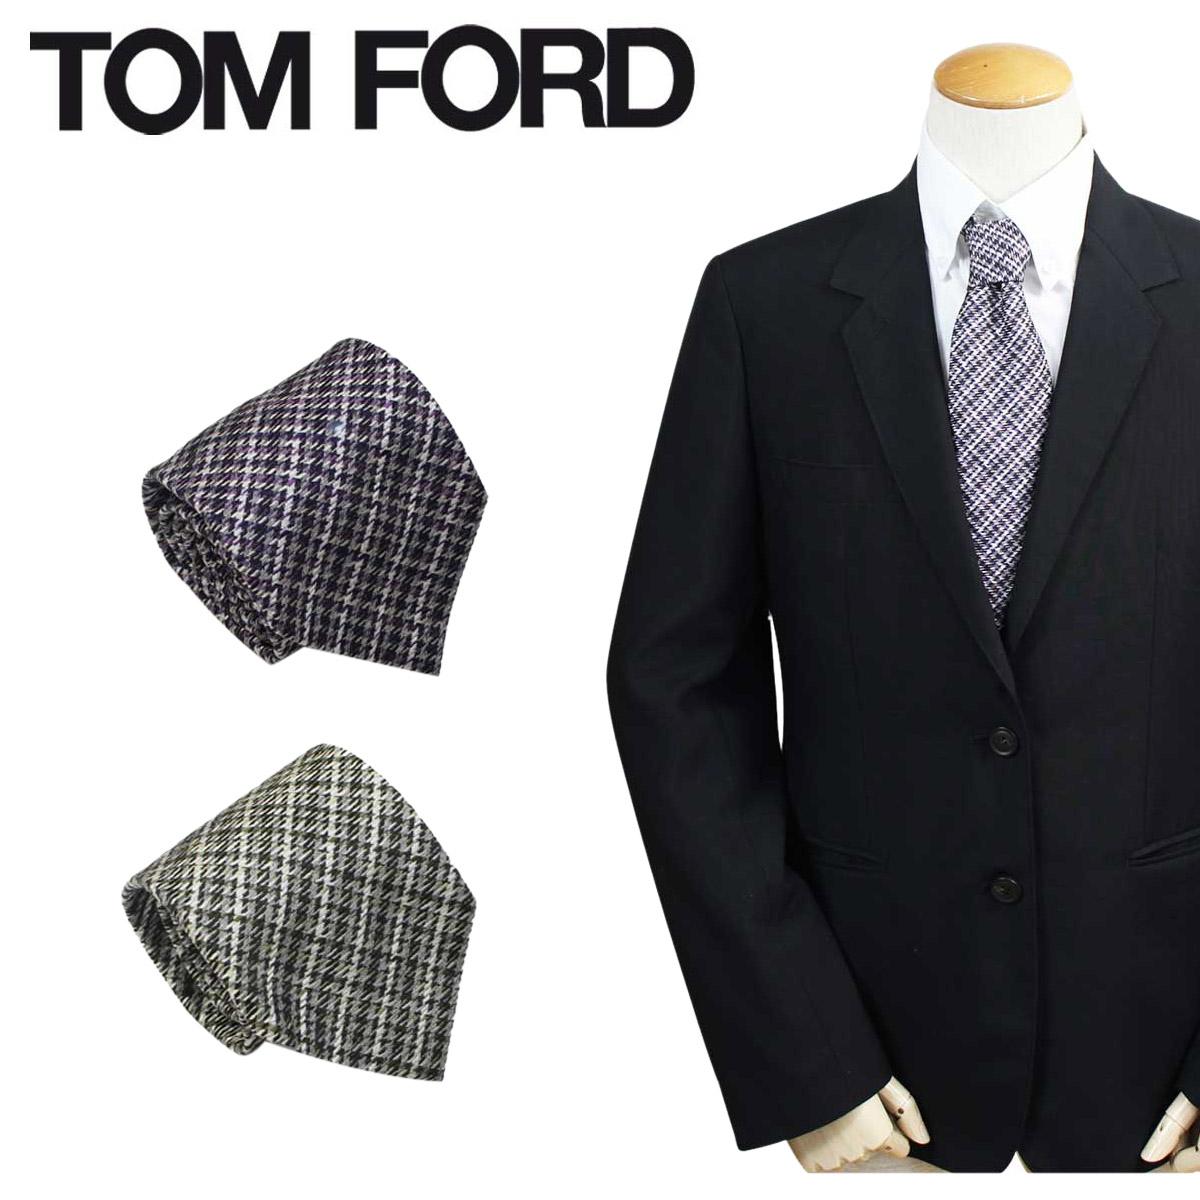 TOM FORD トムフォード ネクタイ シルク メンズ カジュアル ビジネス 結婚式 イタリア製